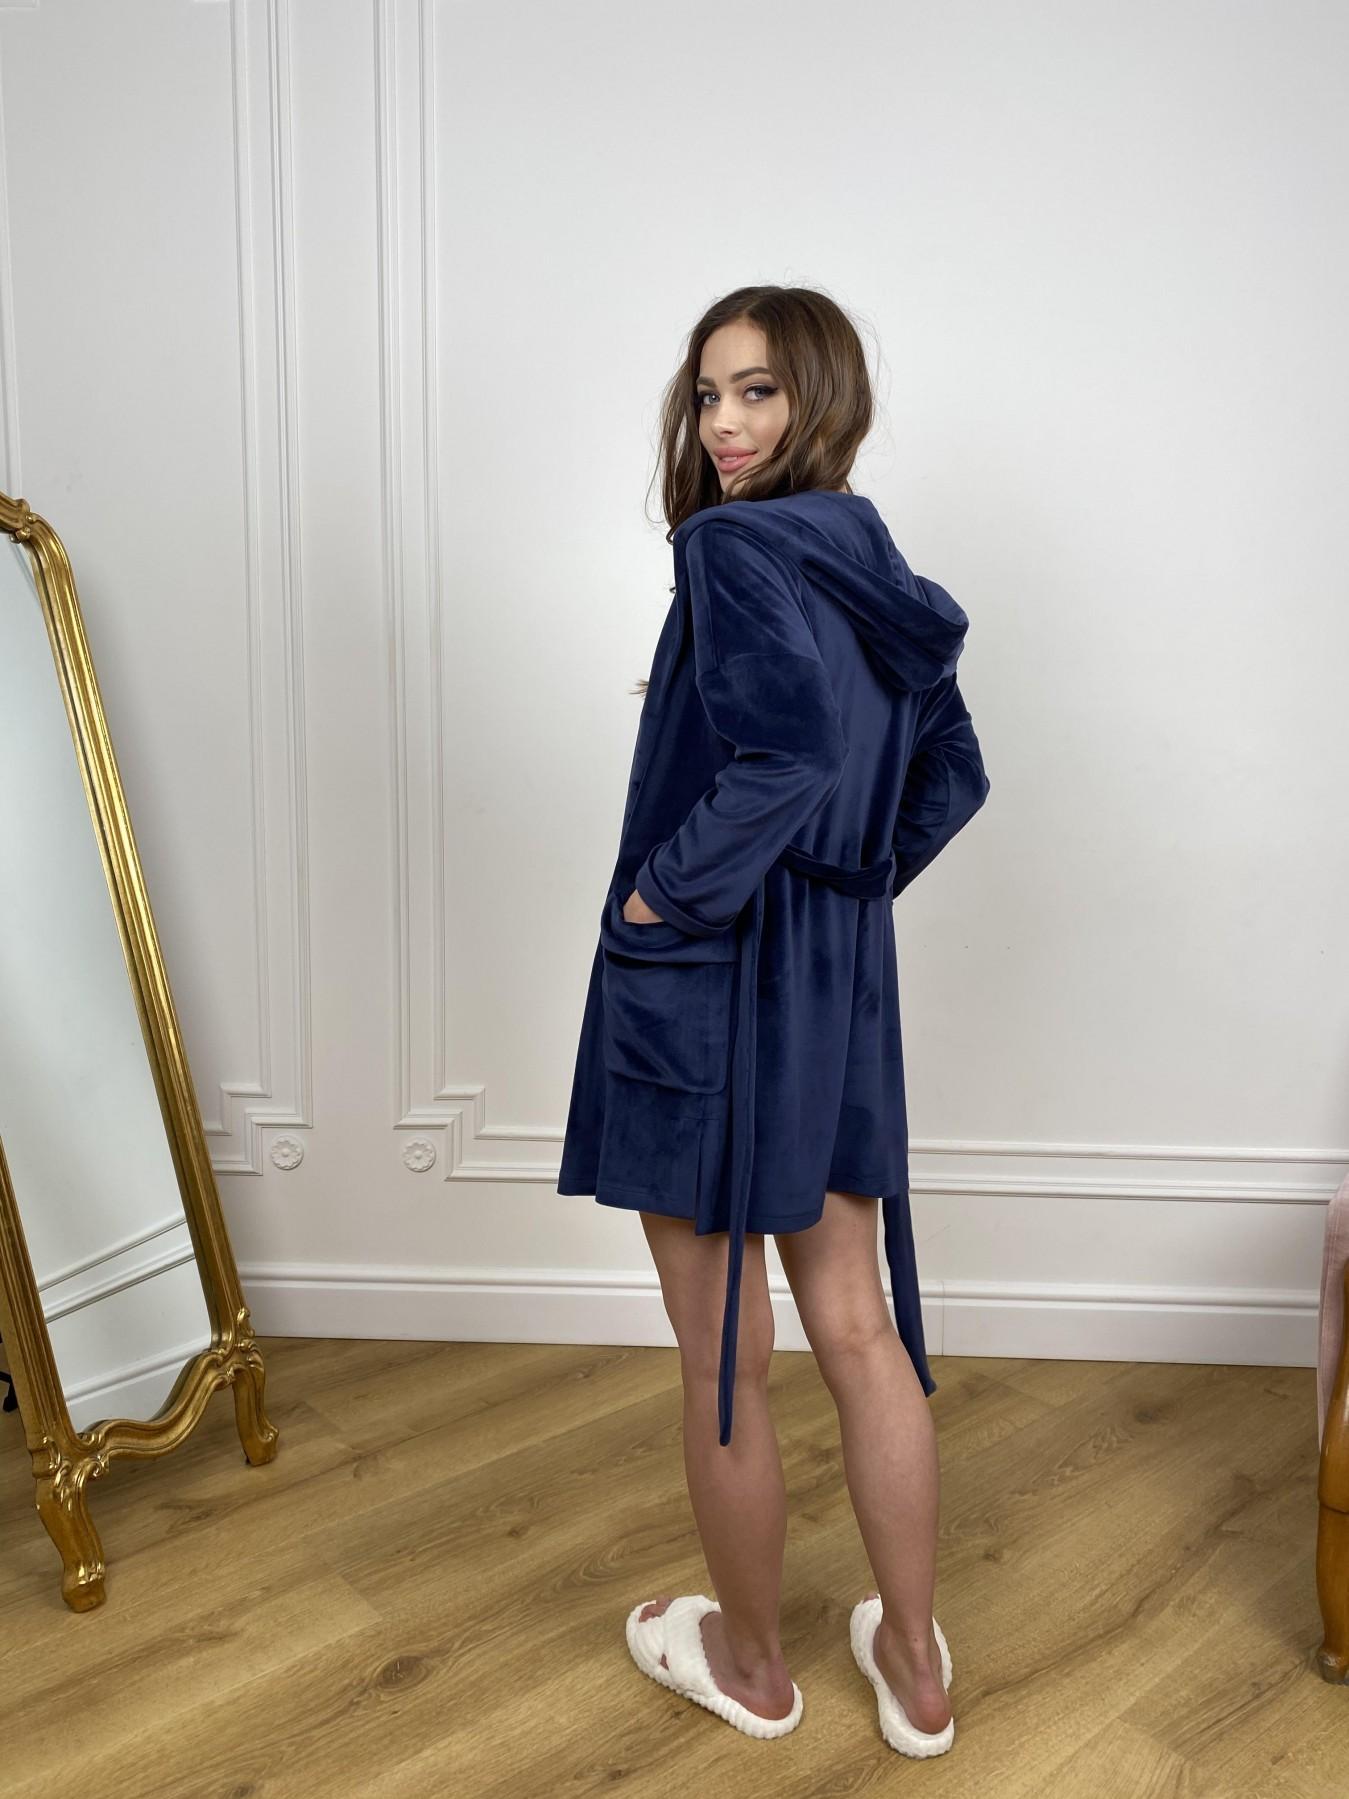 Фабьен мини халат из велюровой ткани 10516 АРТ. 46864 Цвет: т. синий - фото 11, интернет магазин tm-modus.ru